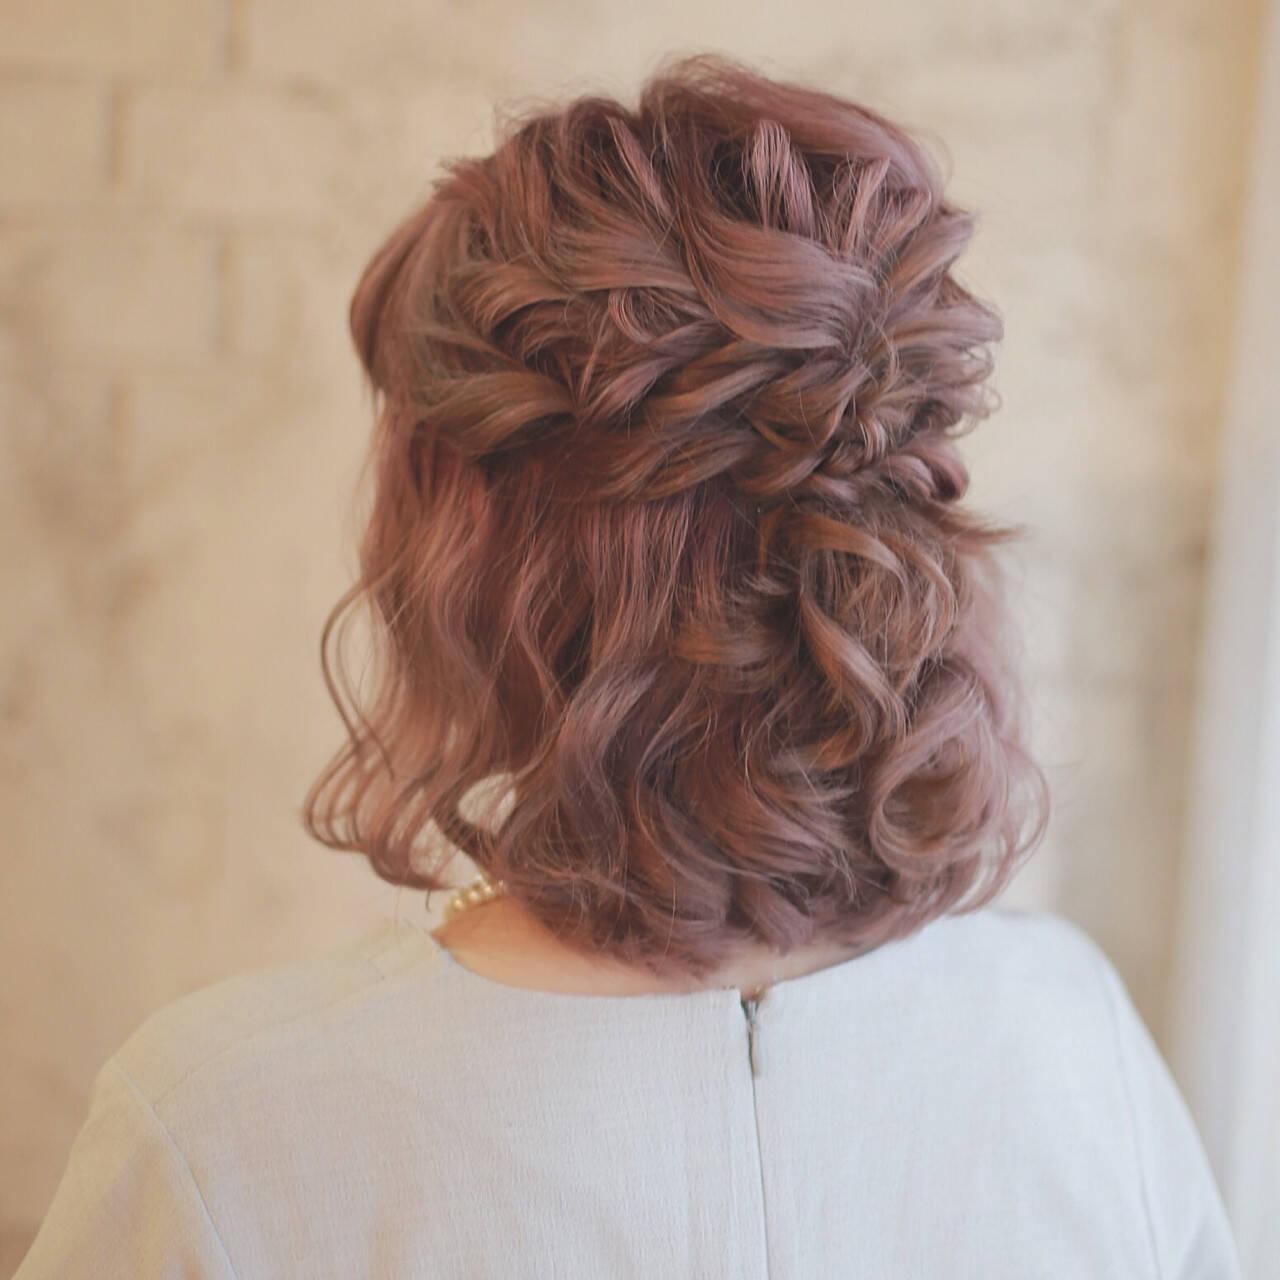 外国人風 ヘアアレンジ ハーフアップ ボブヘアスタイルや髪型の写真・画像